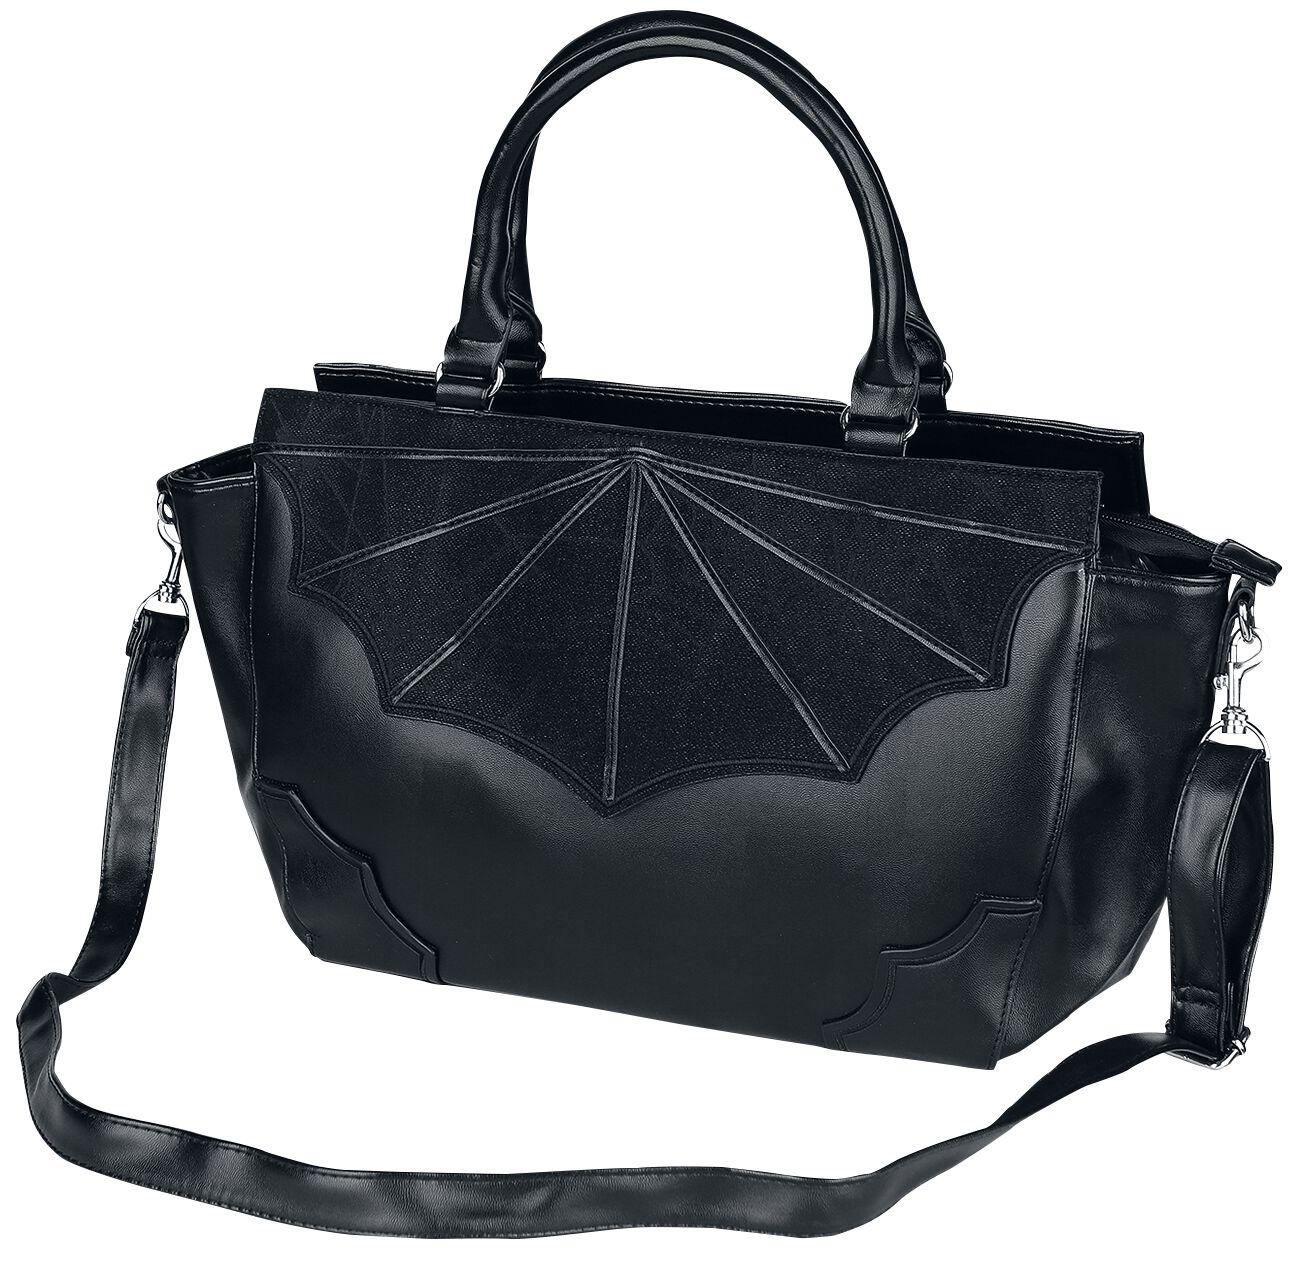 Image of   Banned Alternative Black Widow Håndtaske sort